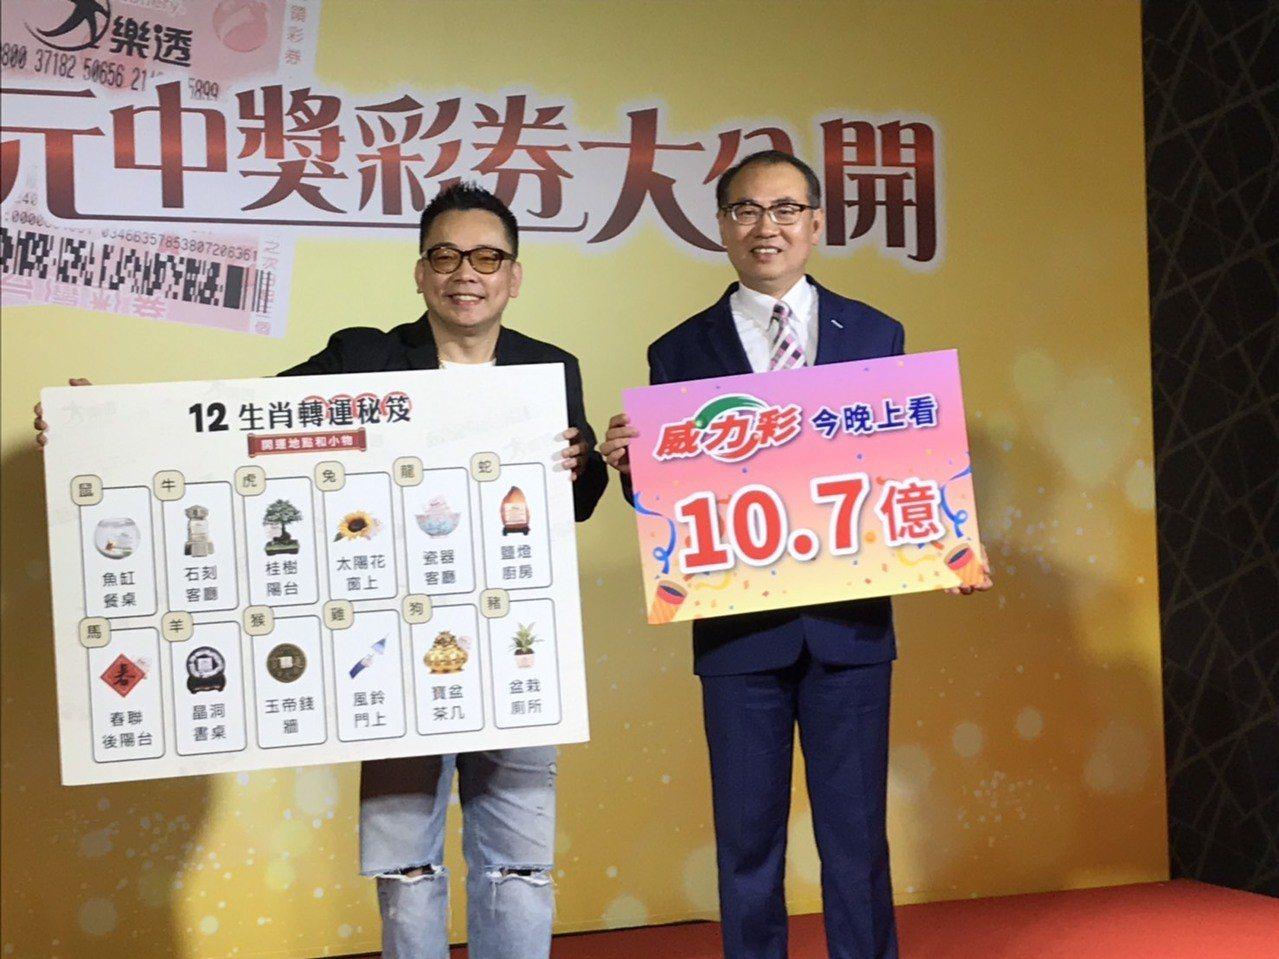 台彩總經理蔡國基(右)、開運大師詹惟中(左)合影。記者陳怡慈/攝影